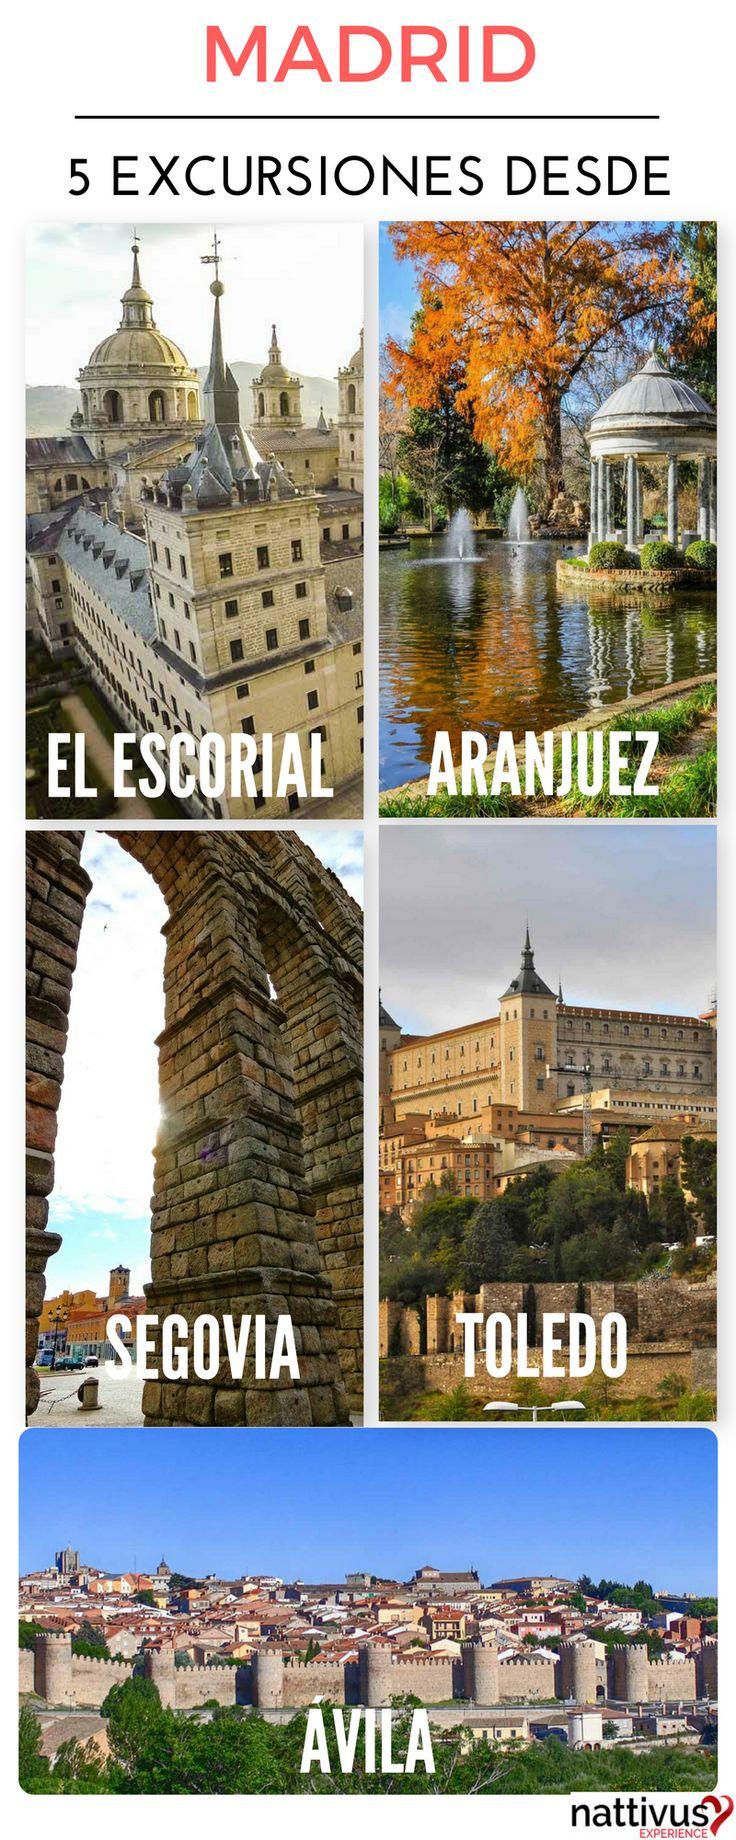 5 Excursiones desde Madrid a 1 hora de Madrid. Lugares imprescindibles en tu viaje a Madrid. El Escorial, Aranjuez, Segovia, Toledo y Ávila